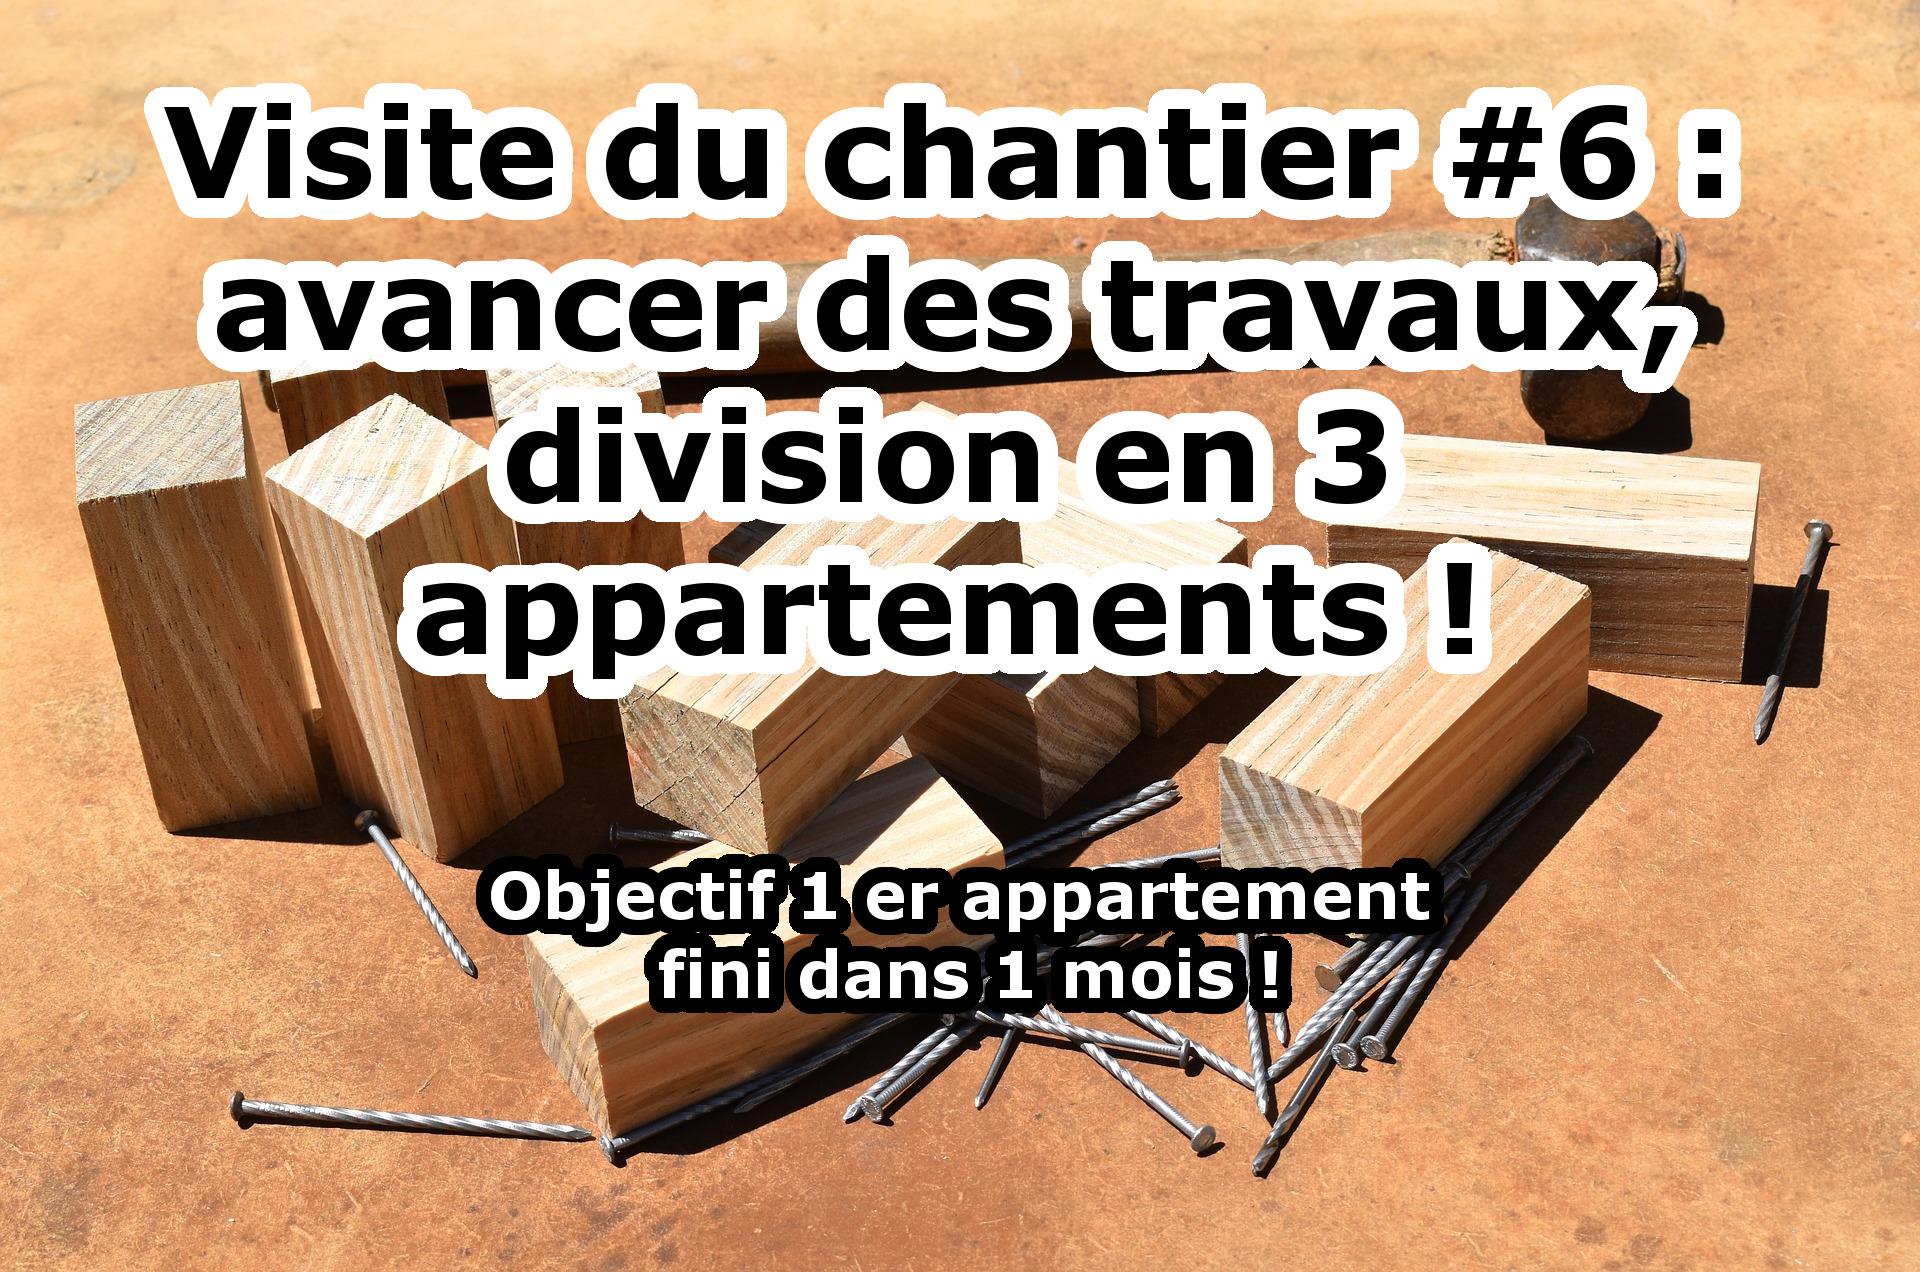 Visite du chantier #6 : avancer des travaux, division en 3 appartements